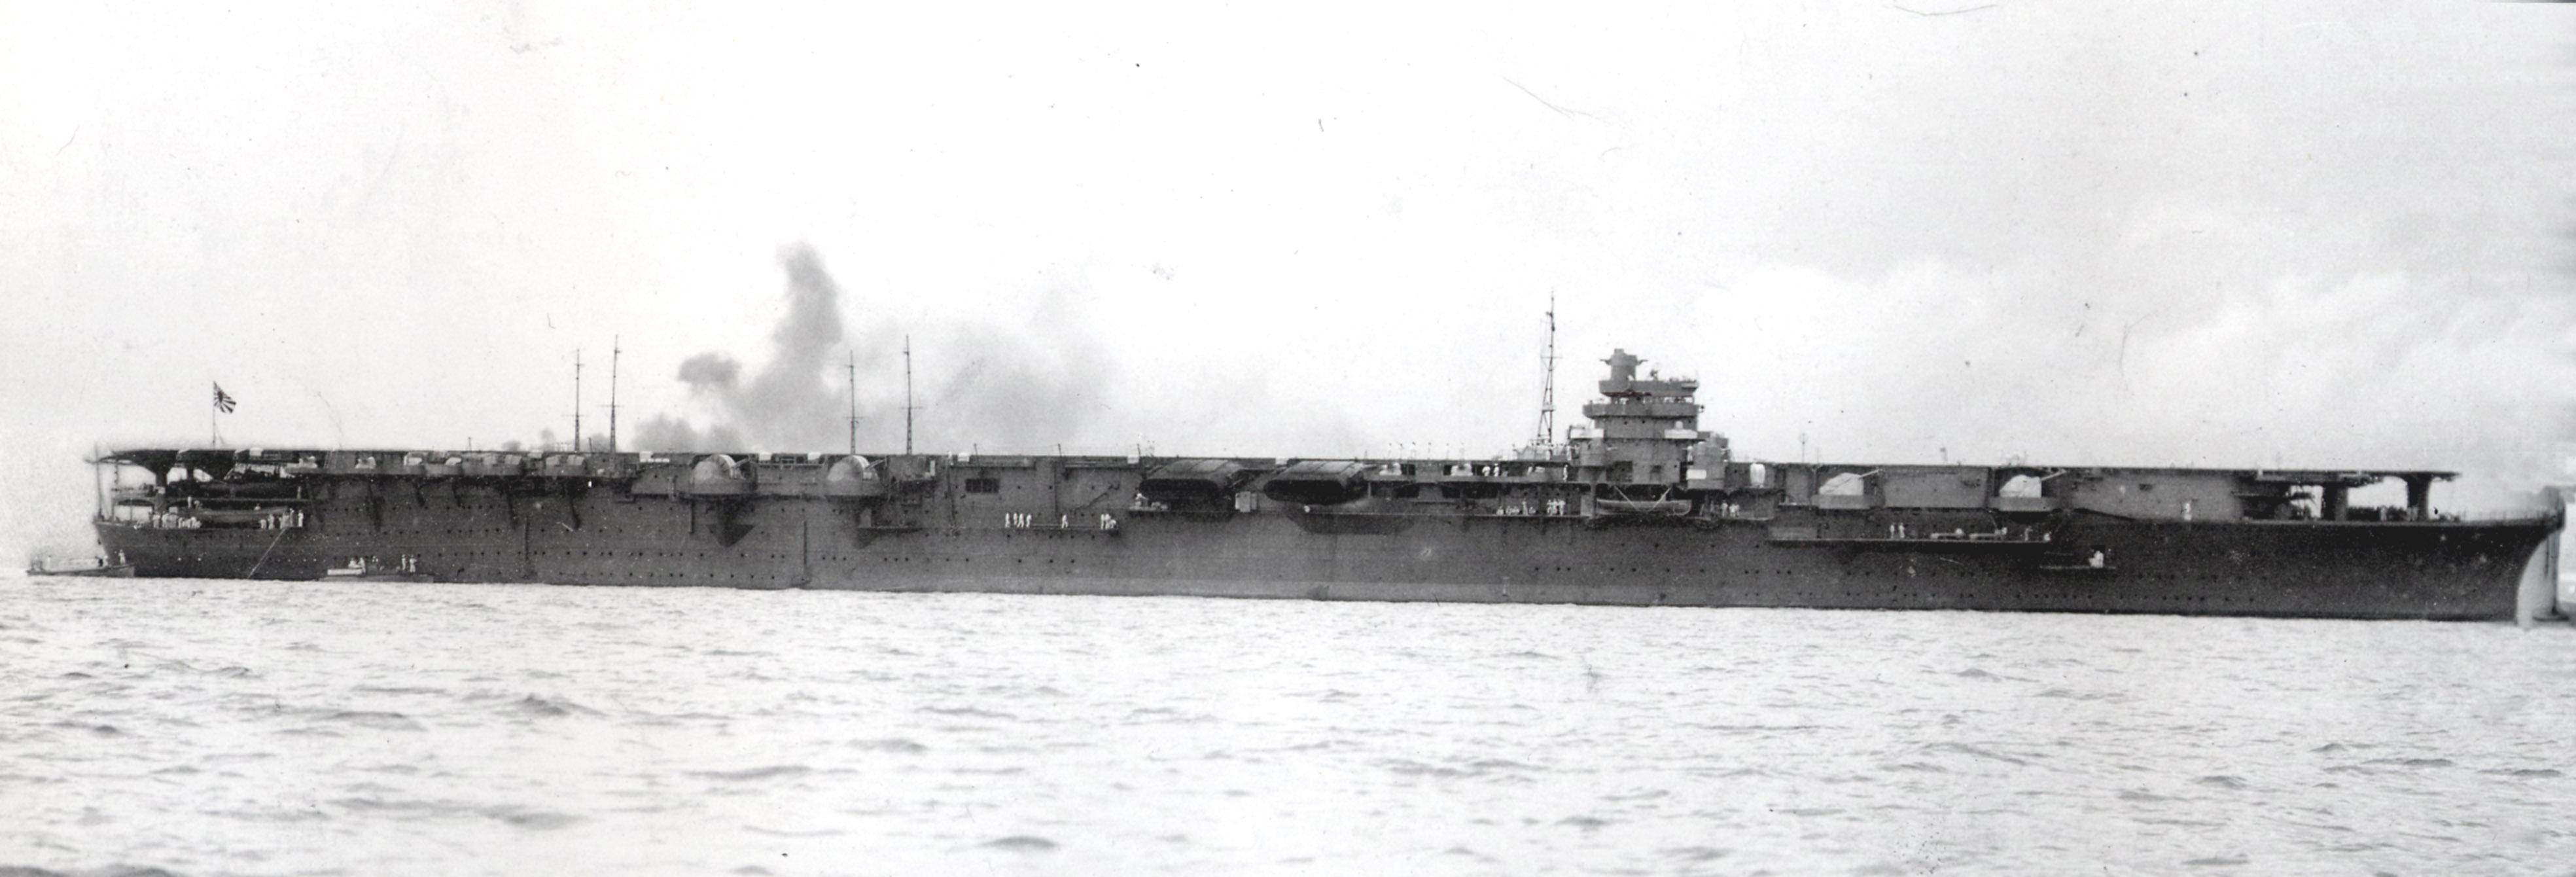 Japanese_aircraft_carrier_shokaku_1941